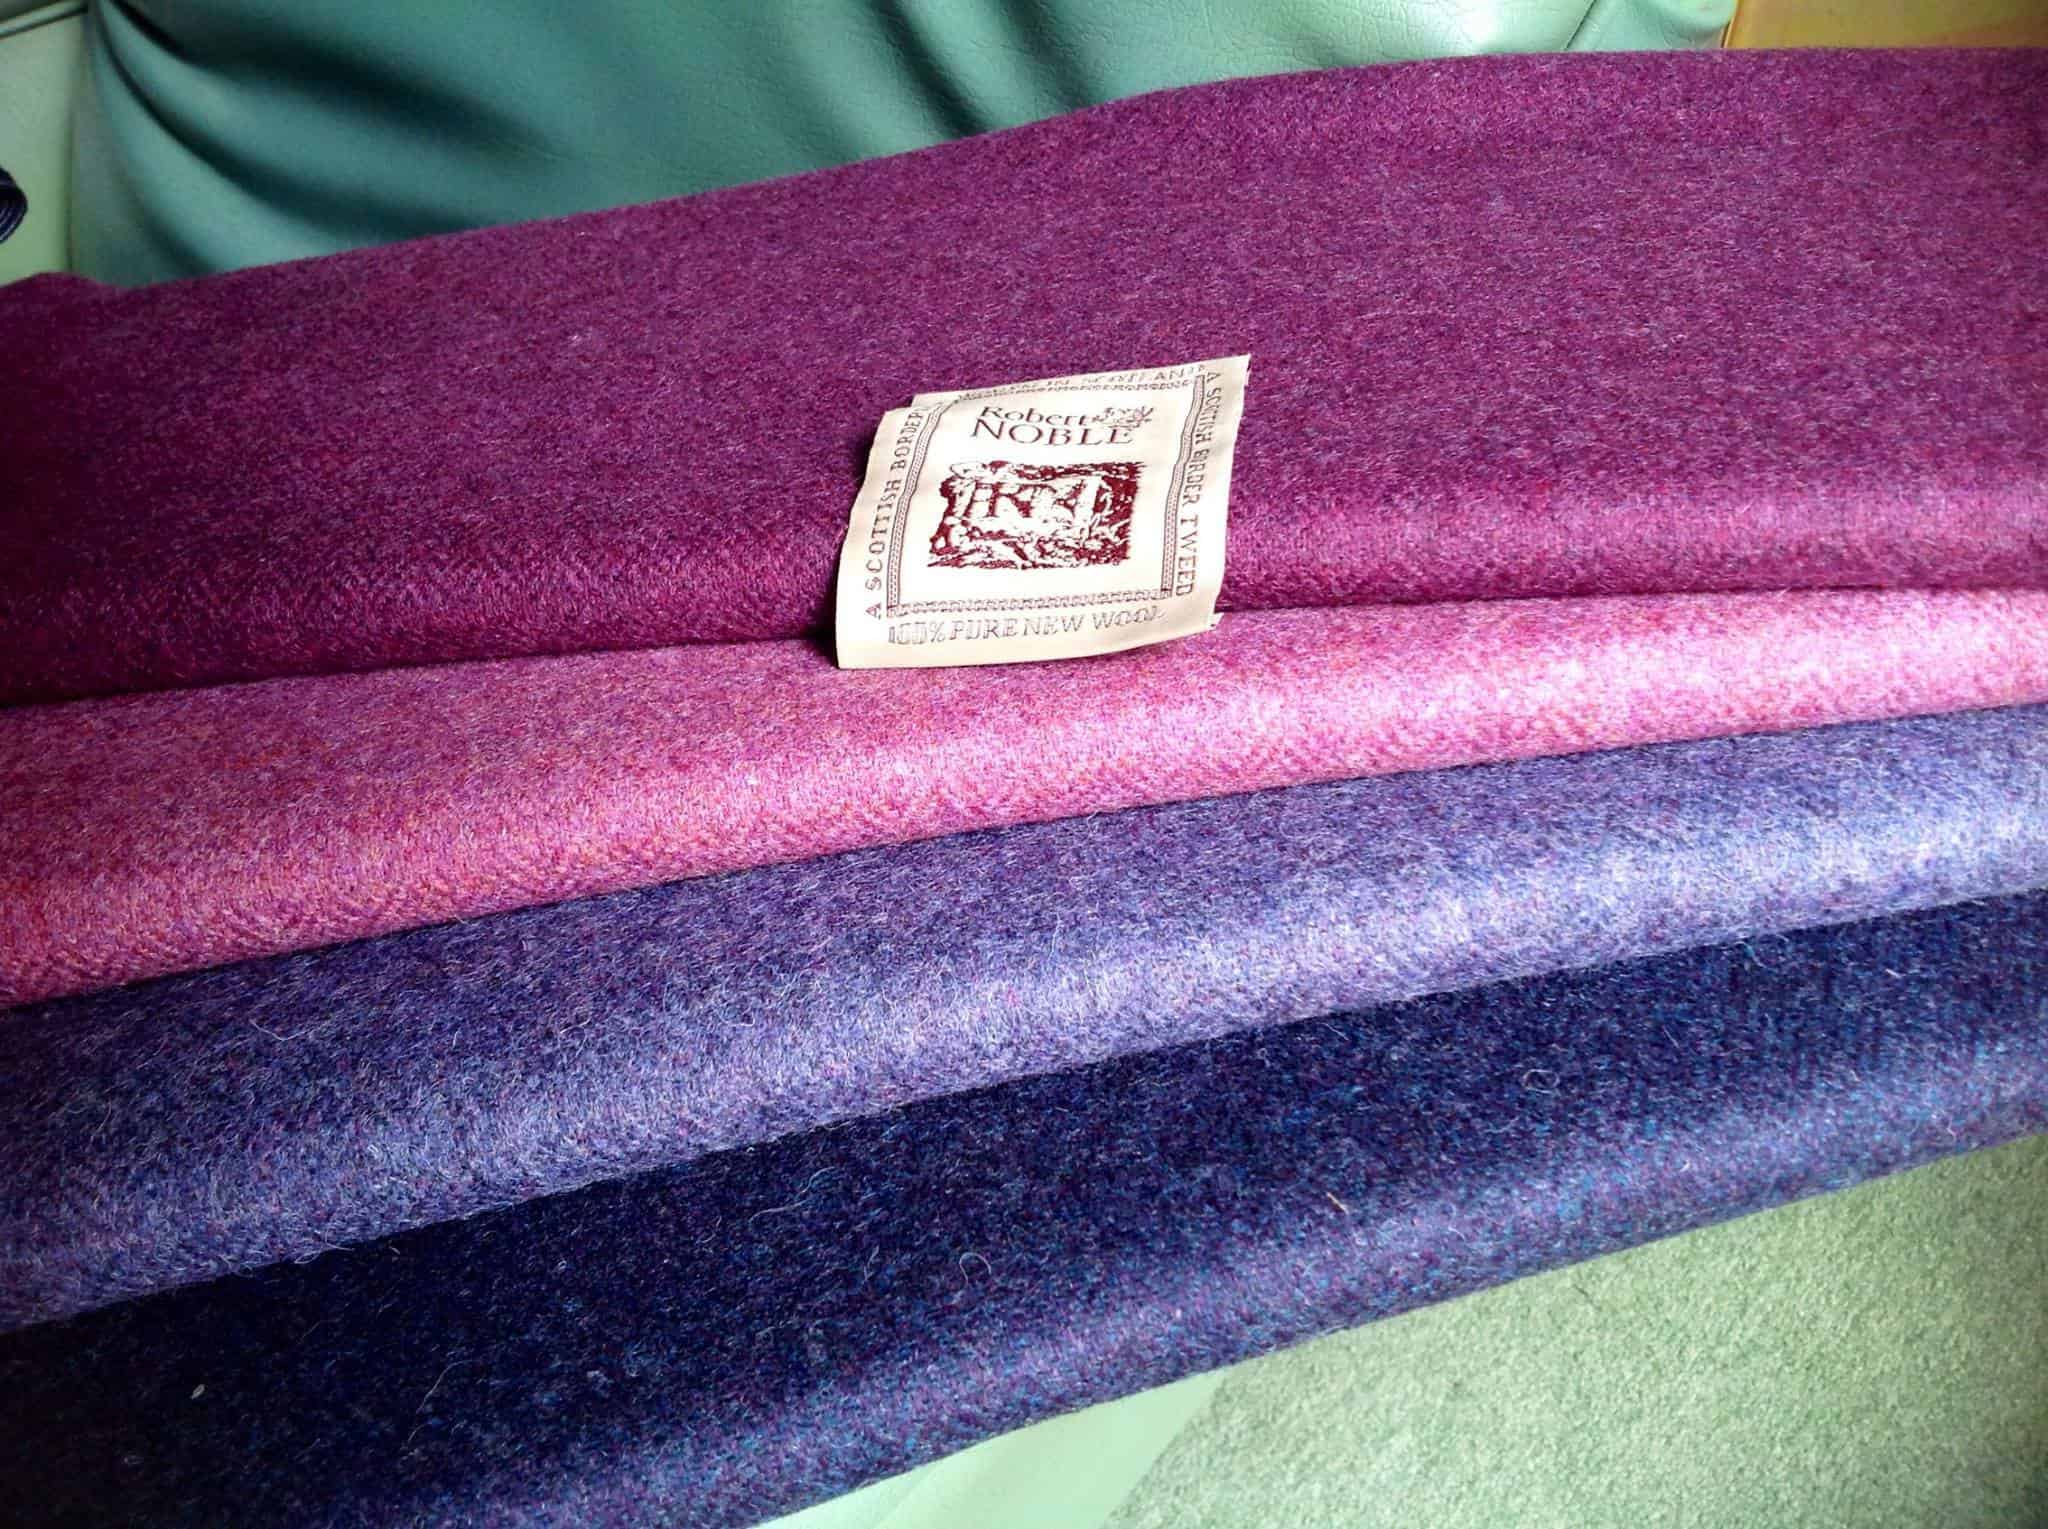 b569200b0 Sartoria Crimi Palermo La lana Shetland, un pregiato filato dalle ...